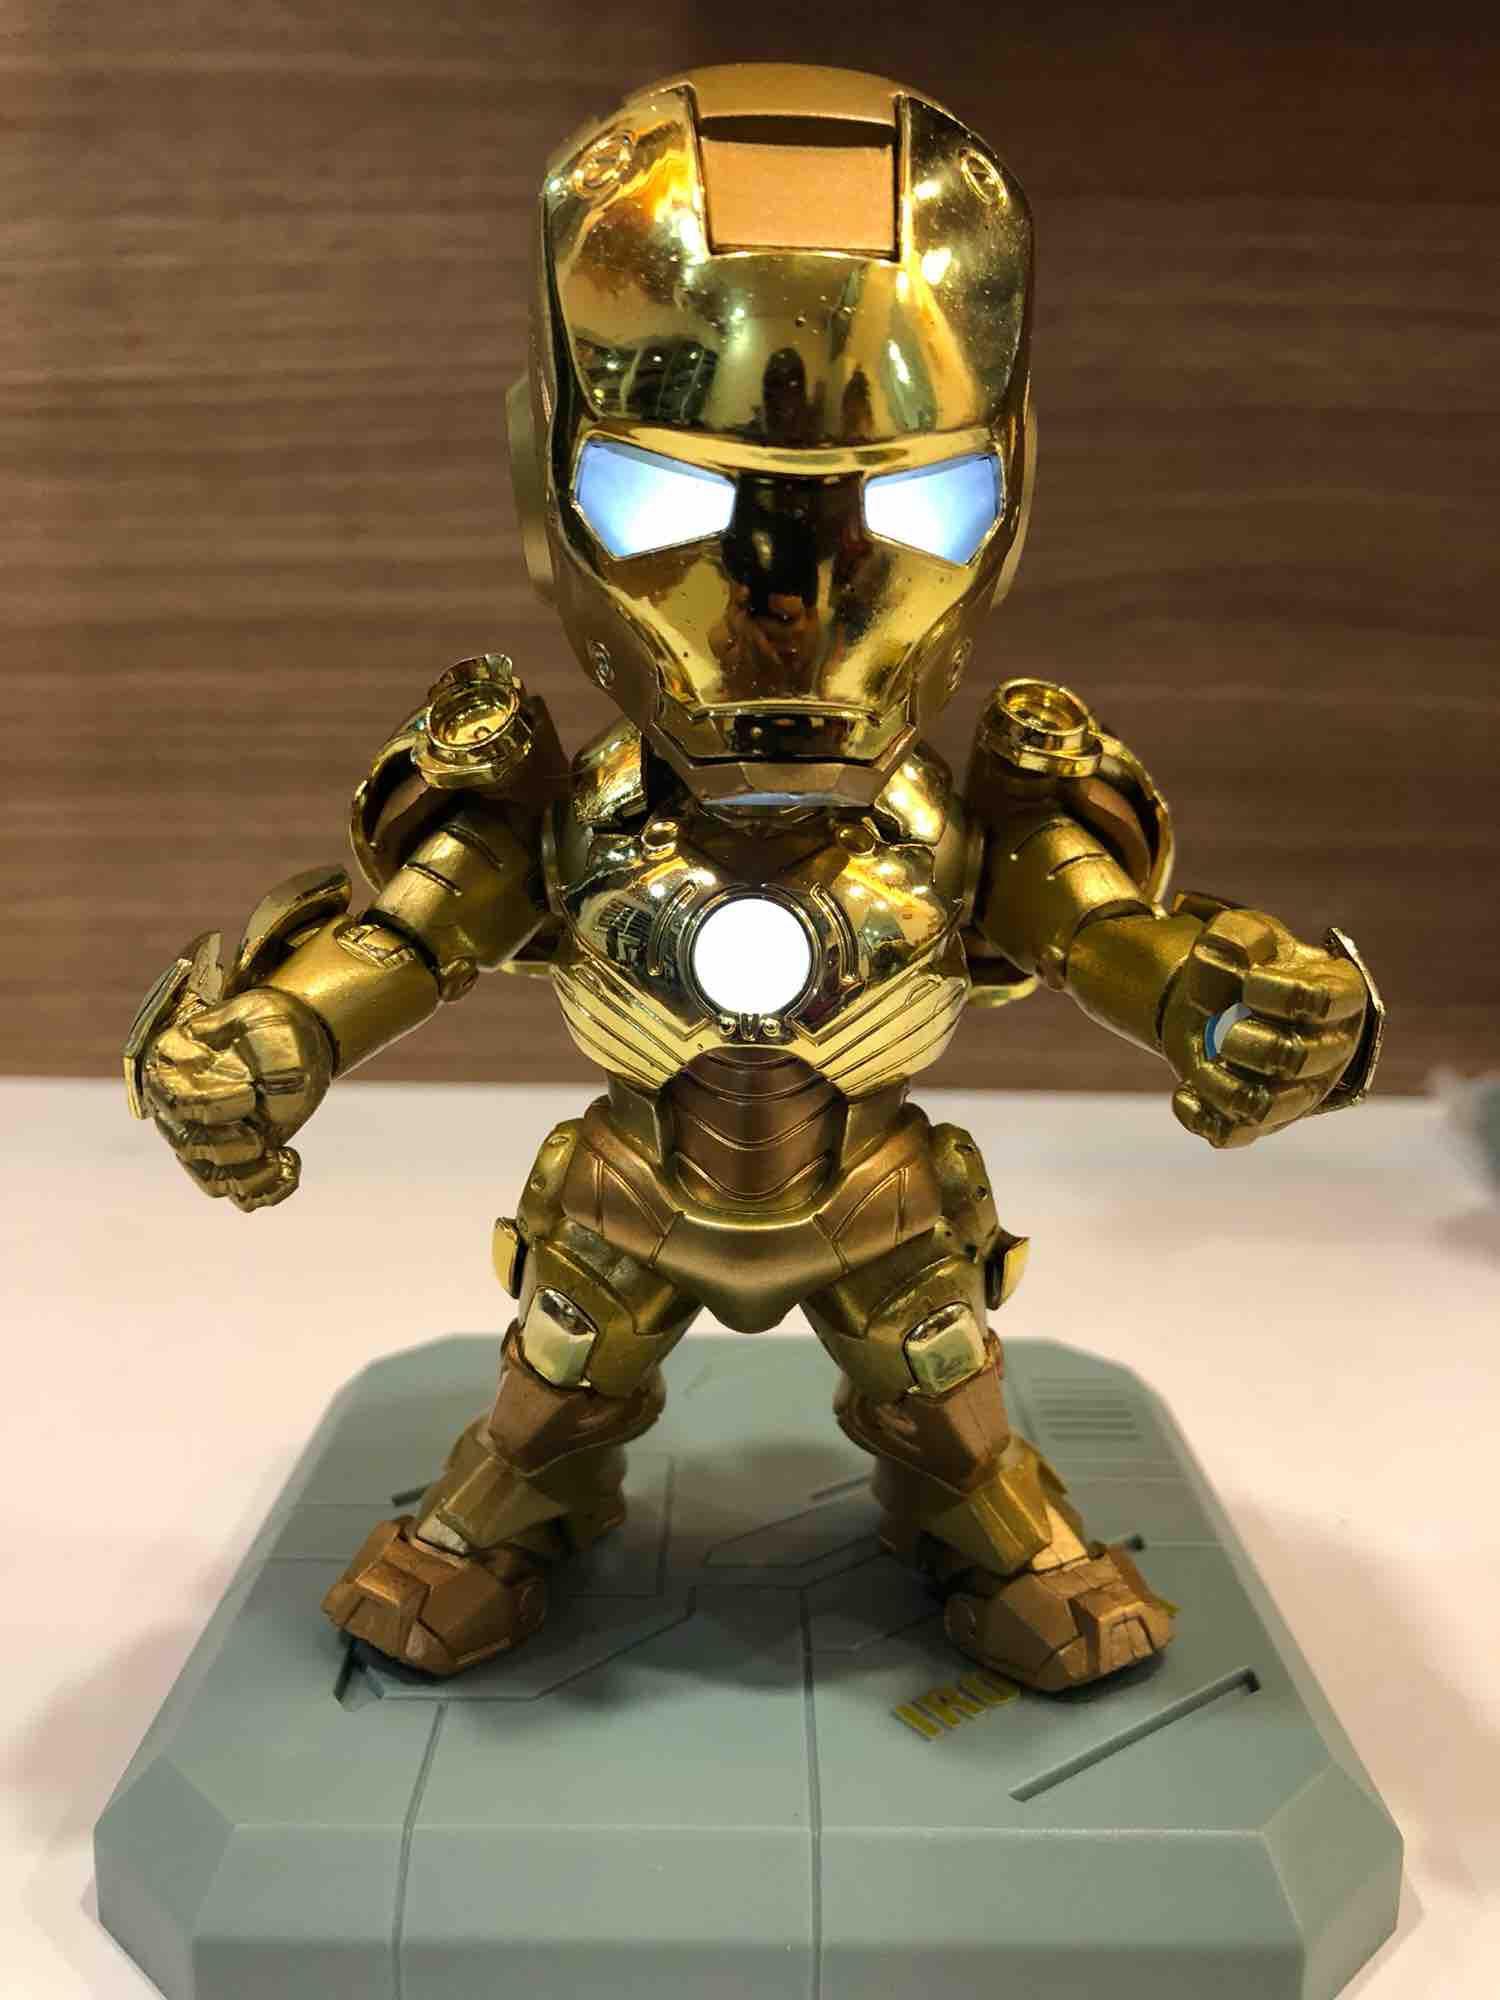 Marvel Legend Iron Man MARK III With LED Light emitting